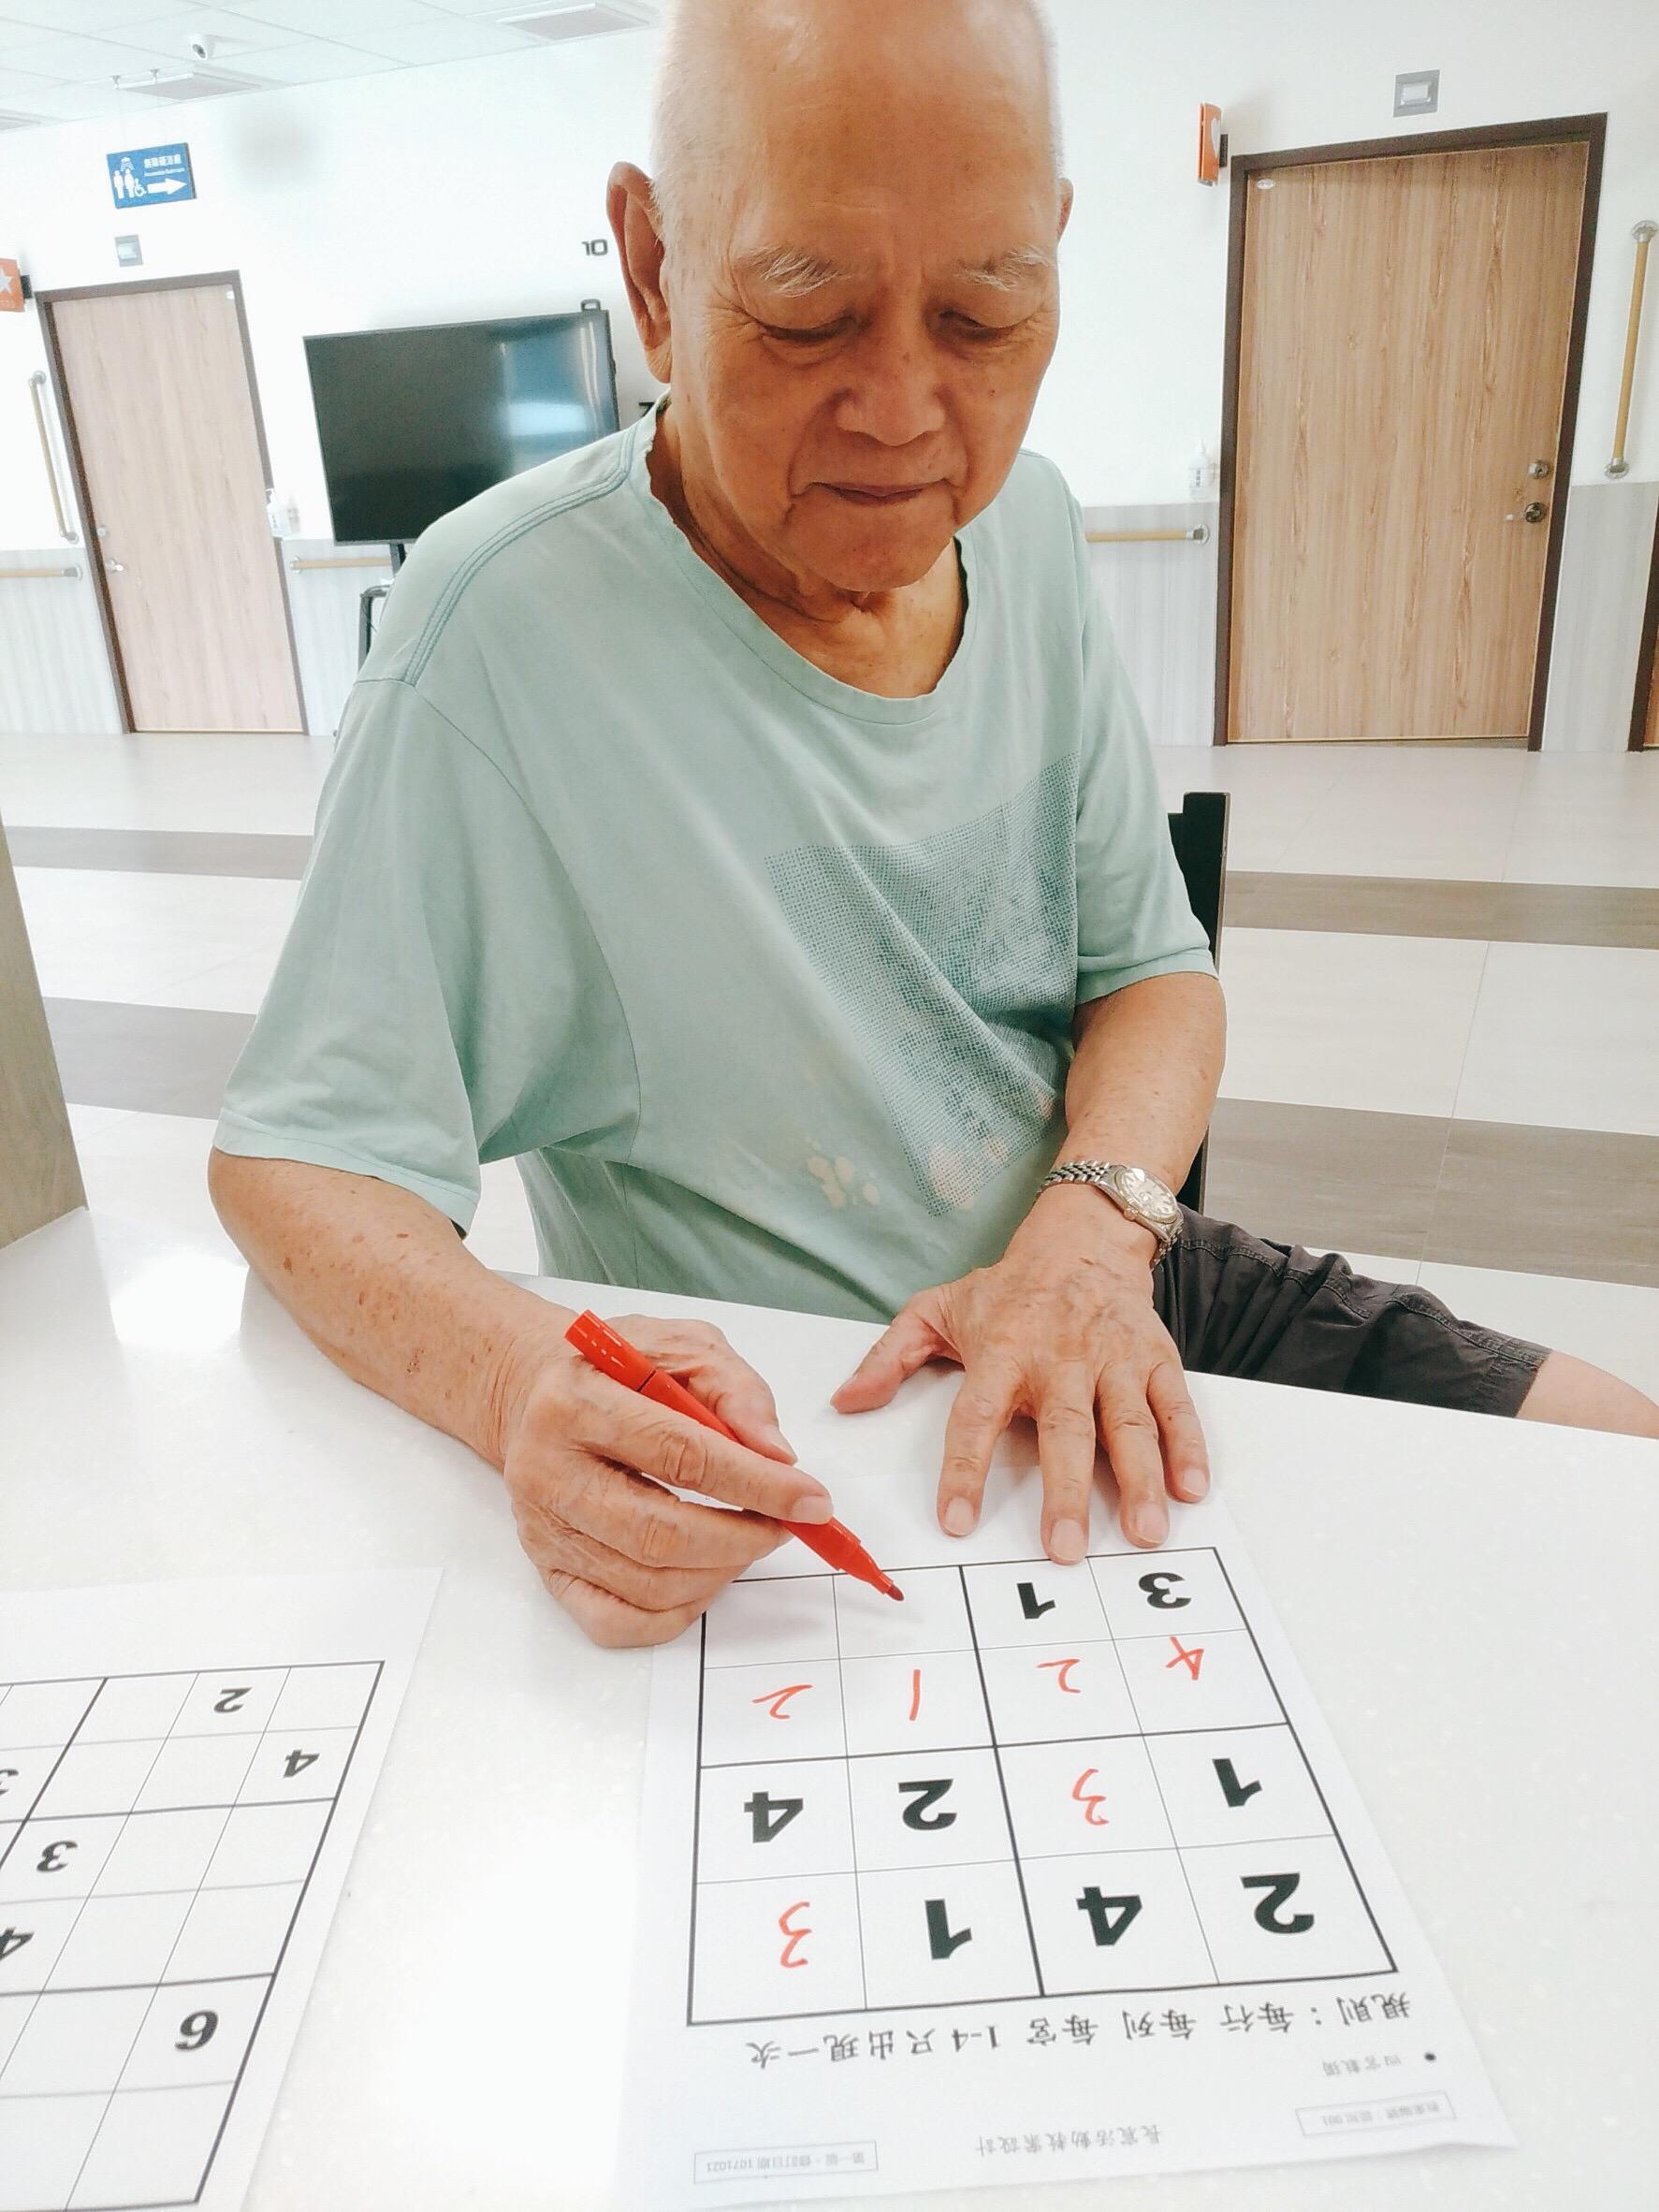 【長宸活動】認知練習-數獨大PK – 長宸護理之家